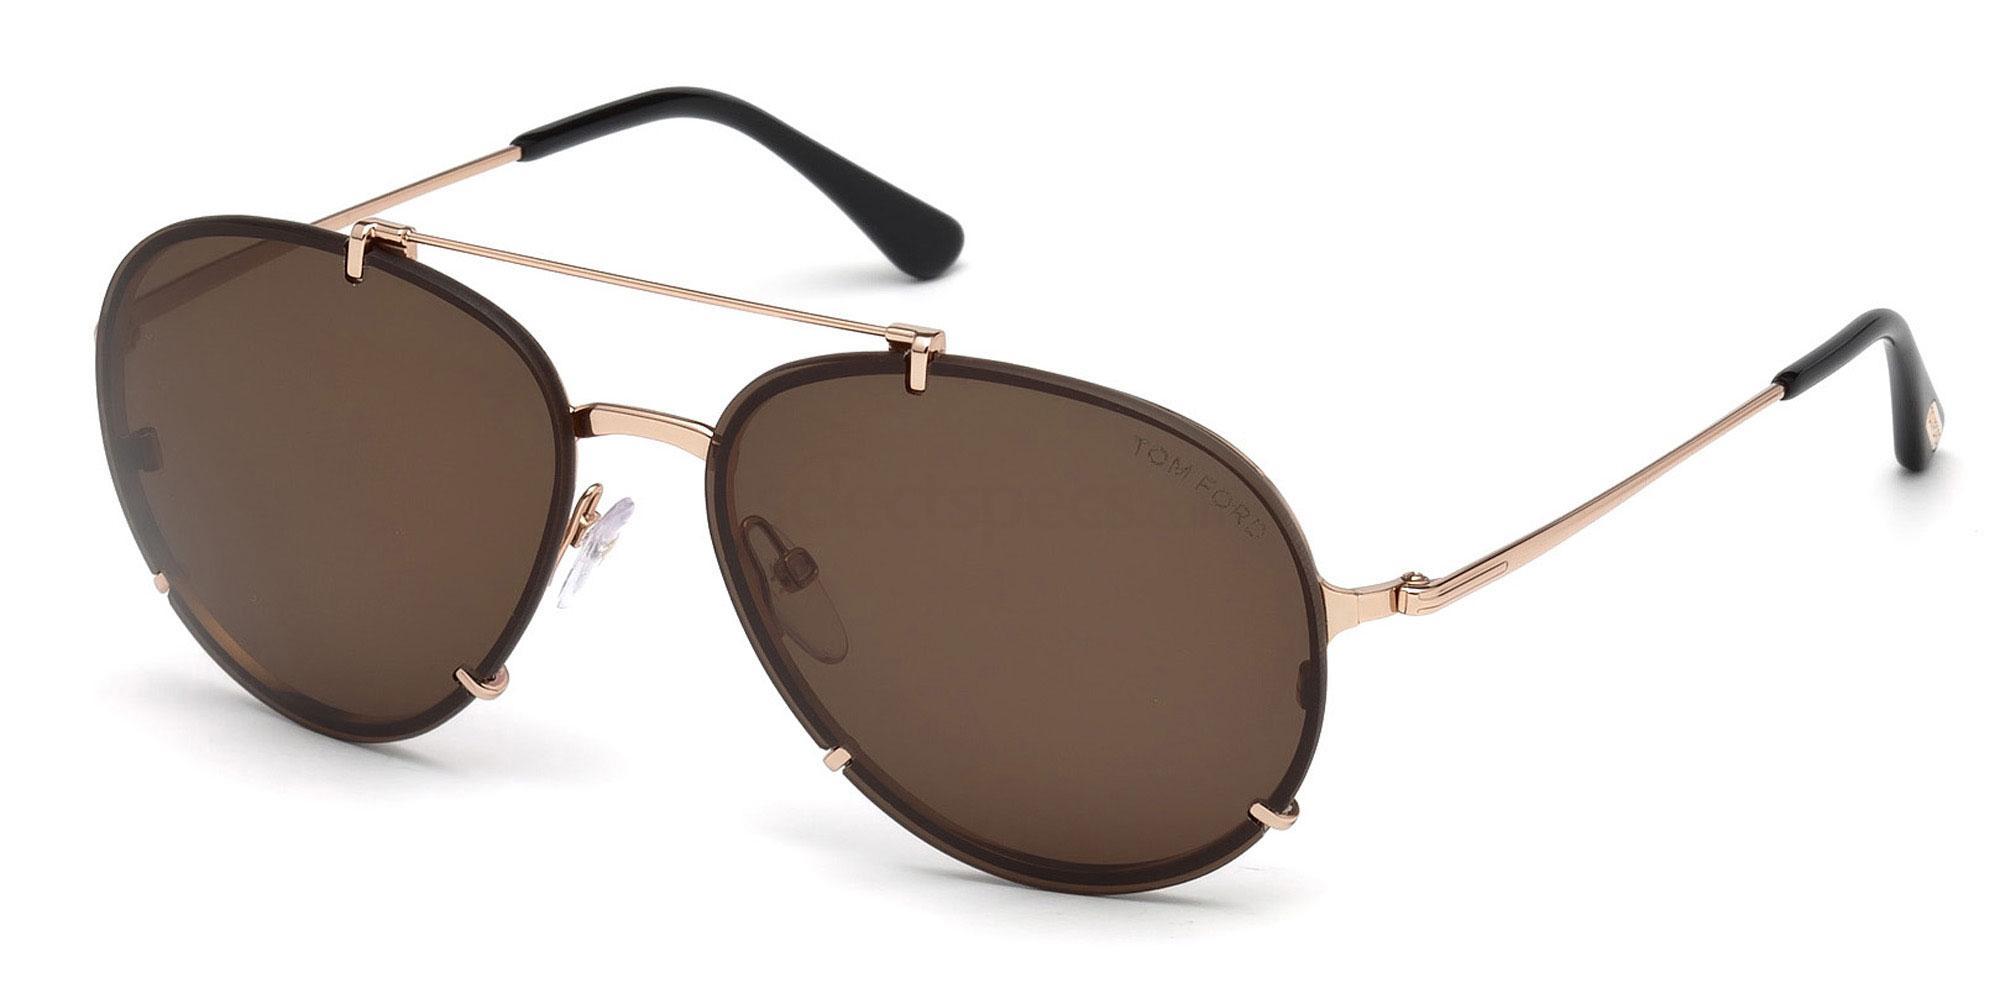 28F FT0527 Sunglasses, Tom Ford